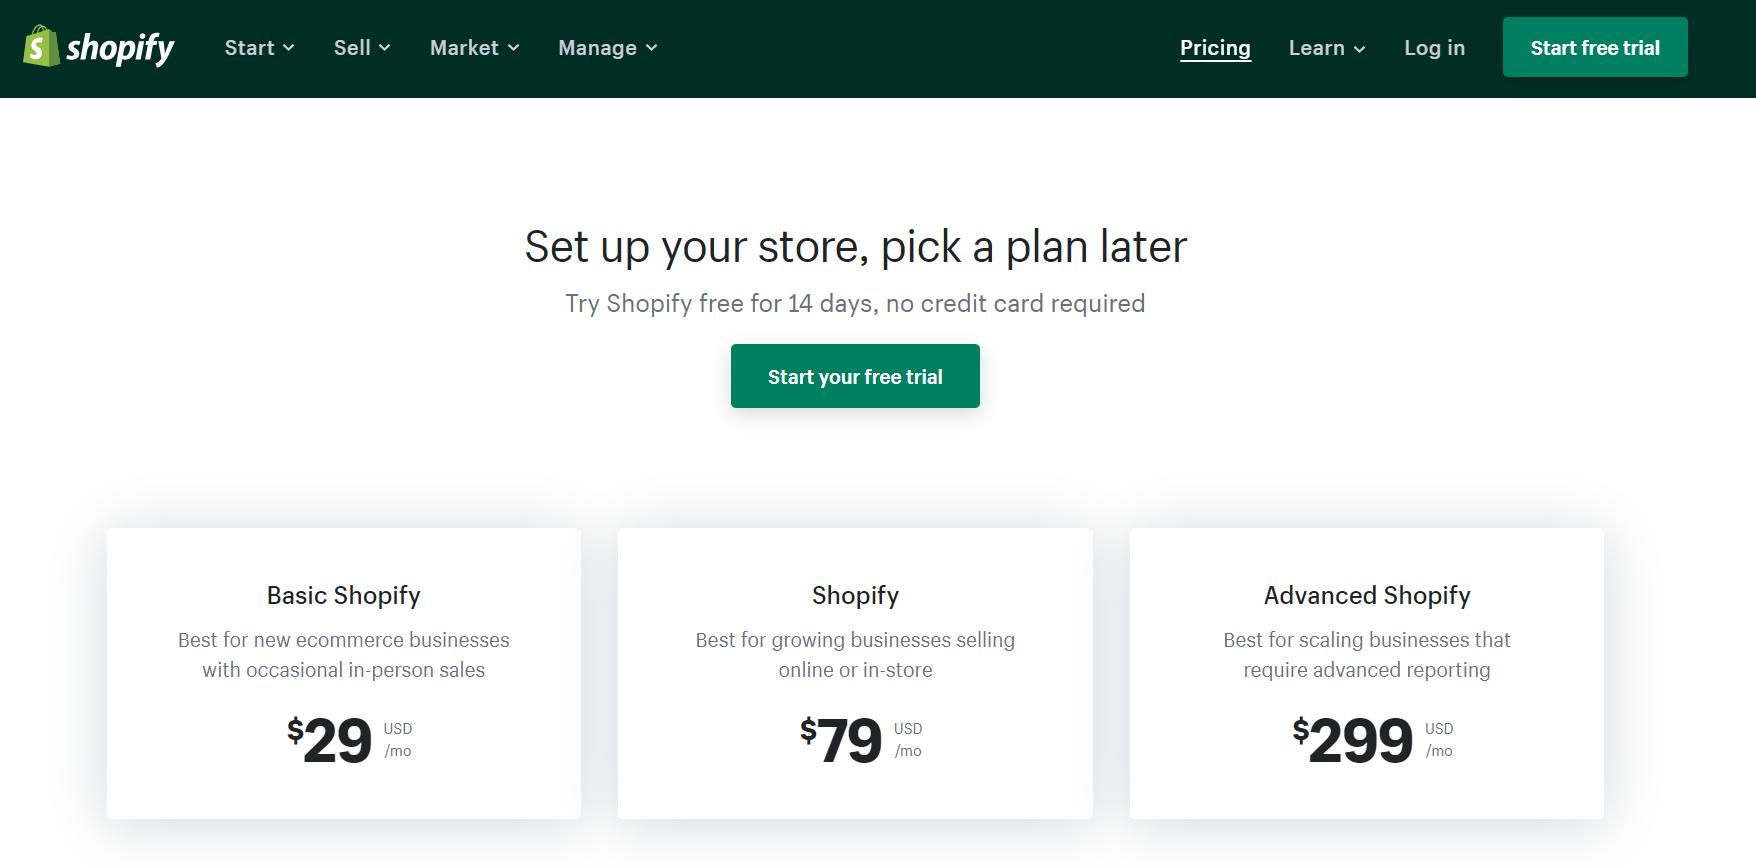 shopify pricing plan